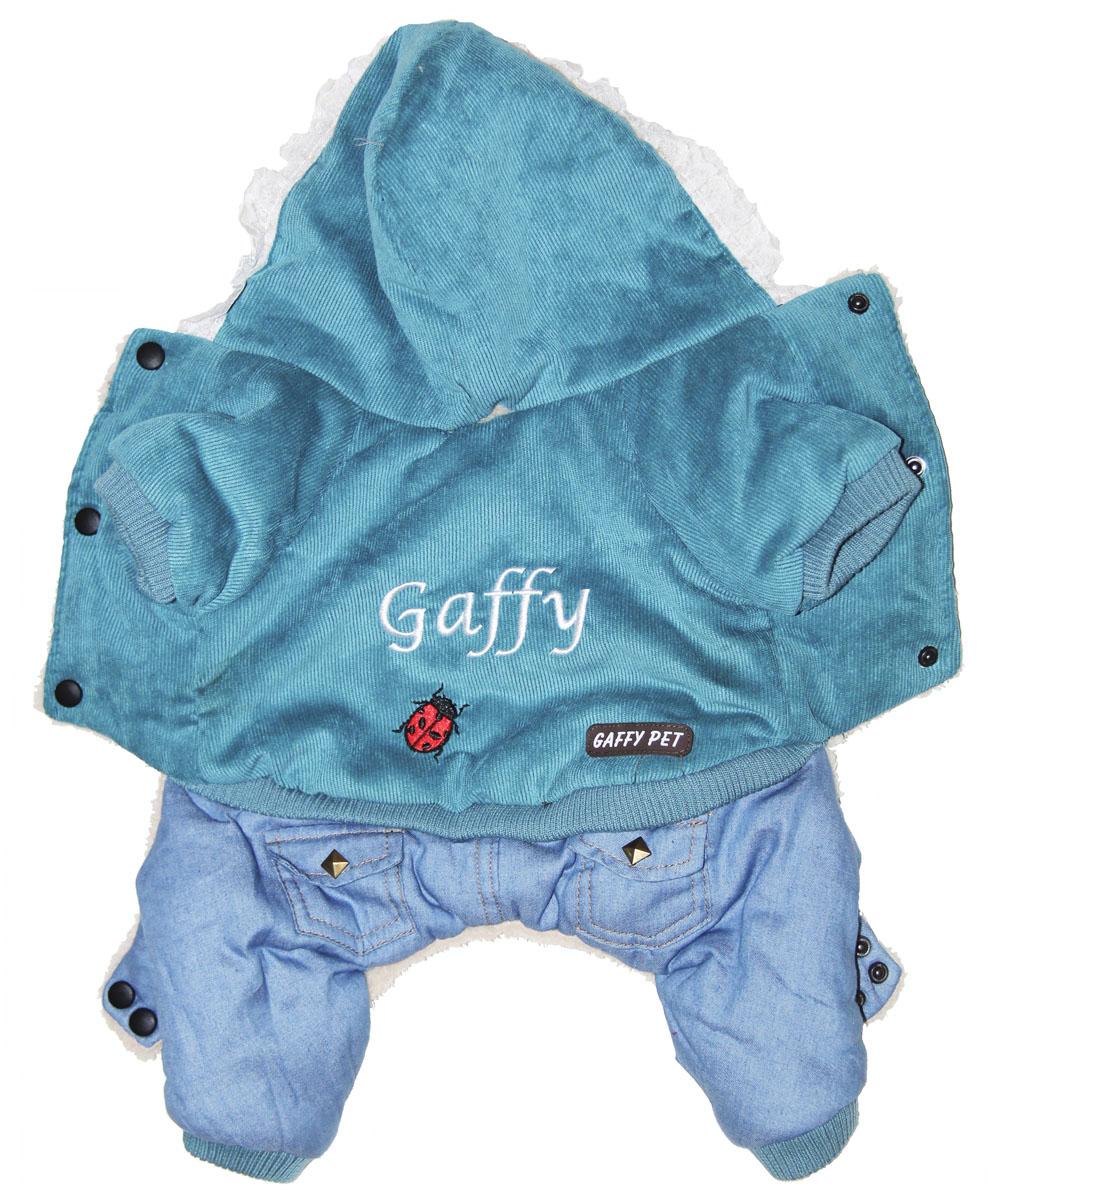 """Комбинезон для собак Gaffy Pet """"Ladybird"""", зимний, для мальчика, цвет: голубой. Размер S"""